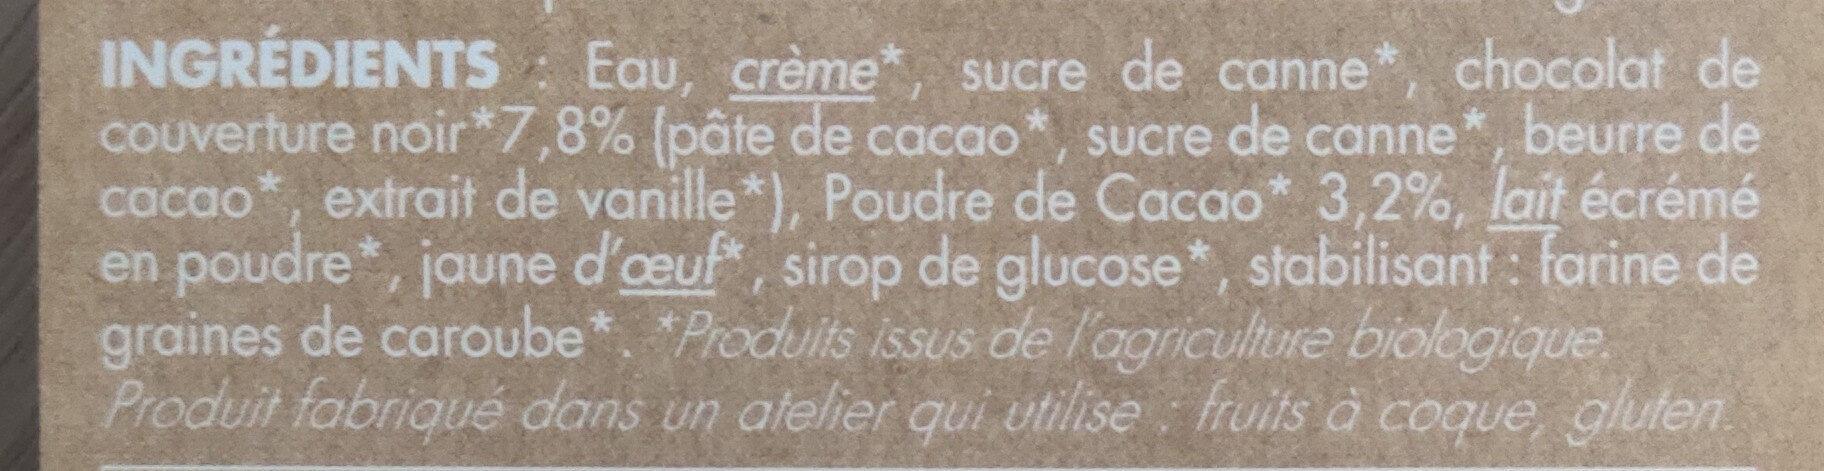 Dahu Chocolat - Ingrédients - fr